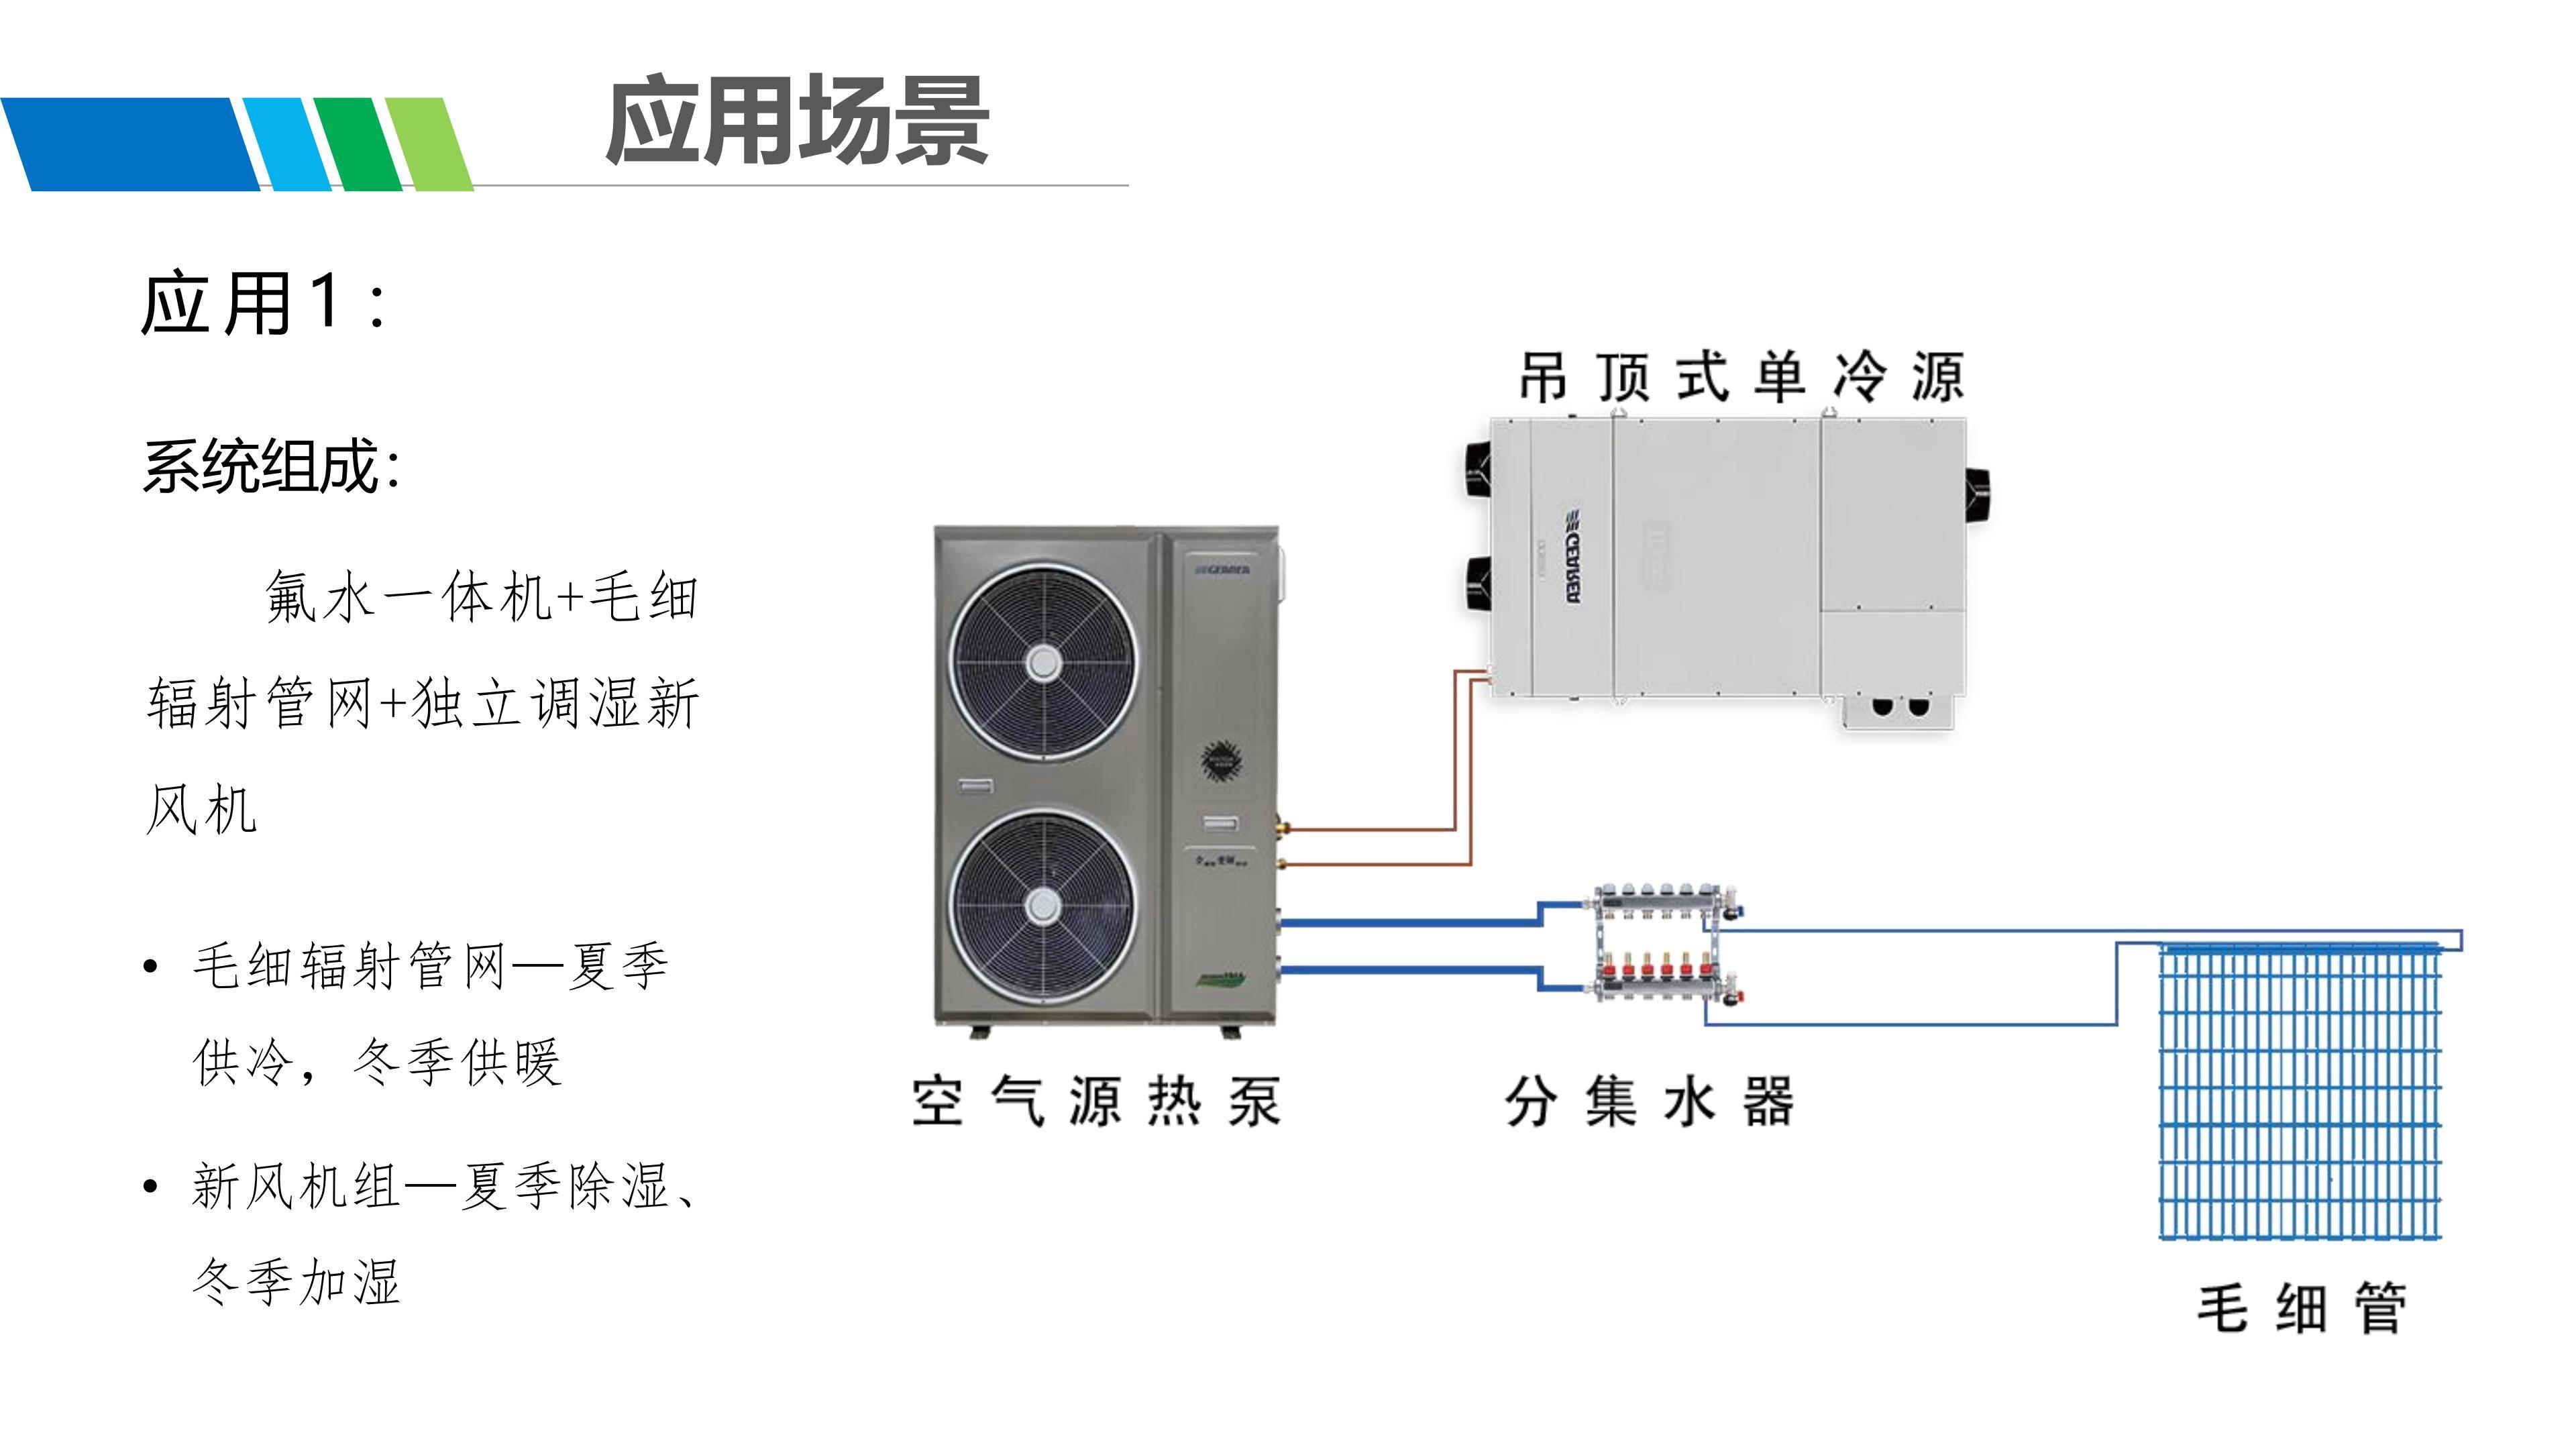 五恒系统产品设备图供应商